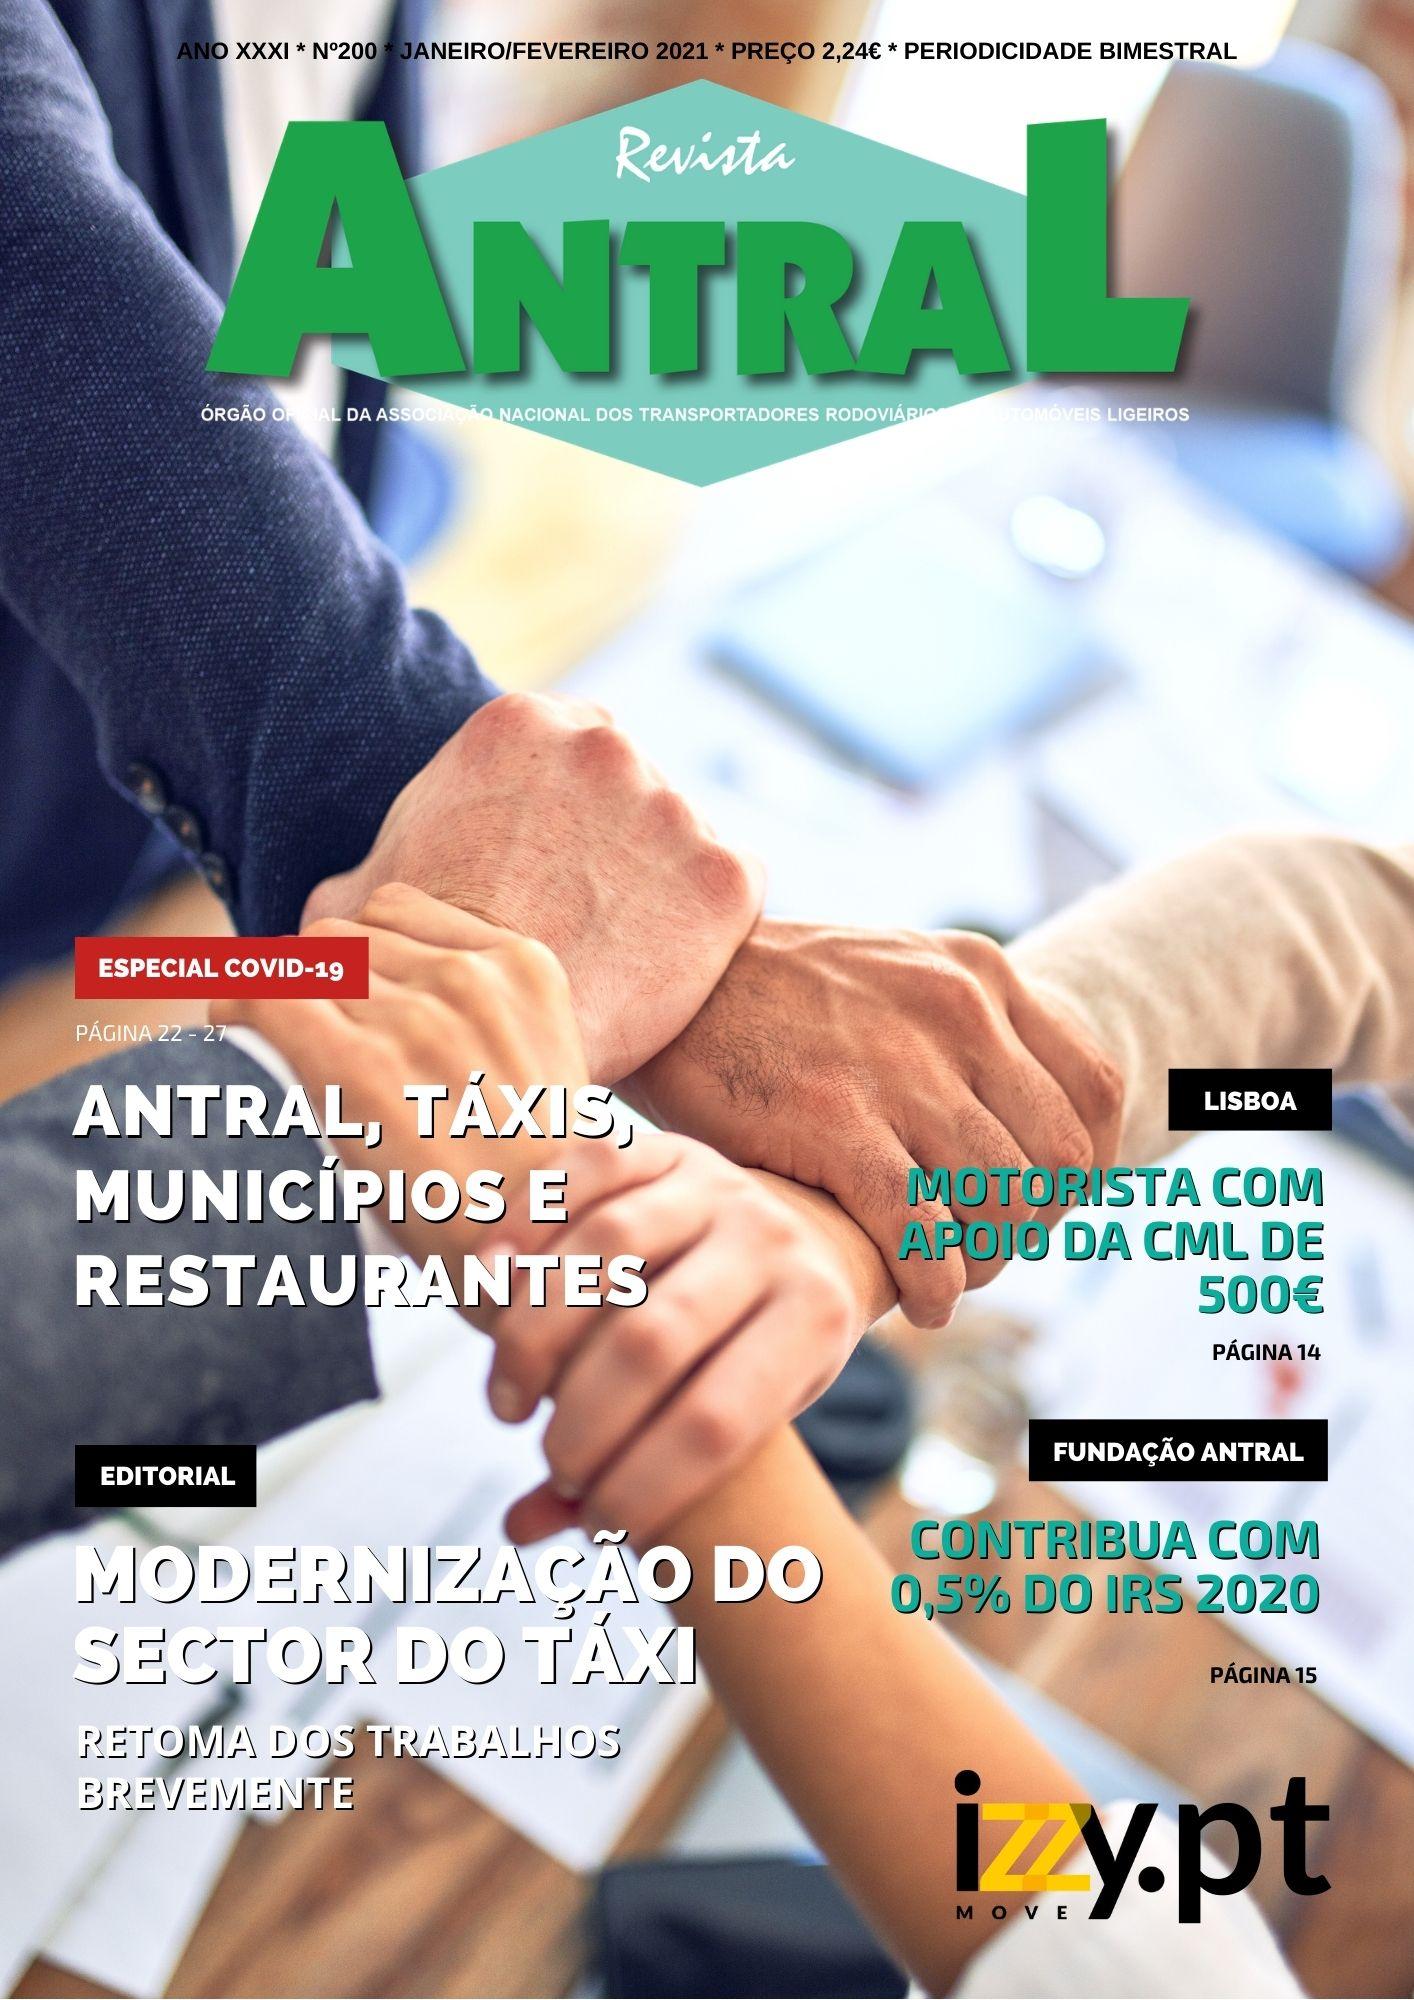 Revista 200 Janeiro/Fevereiro 2021